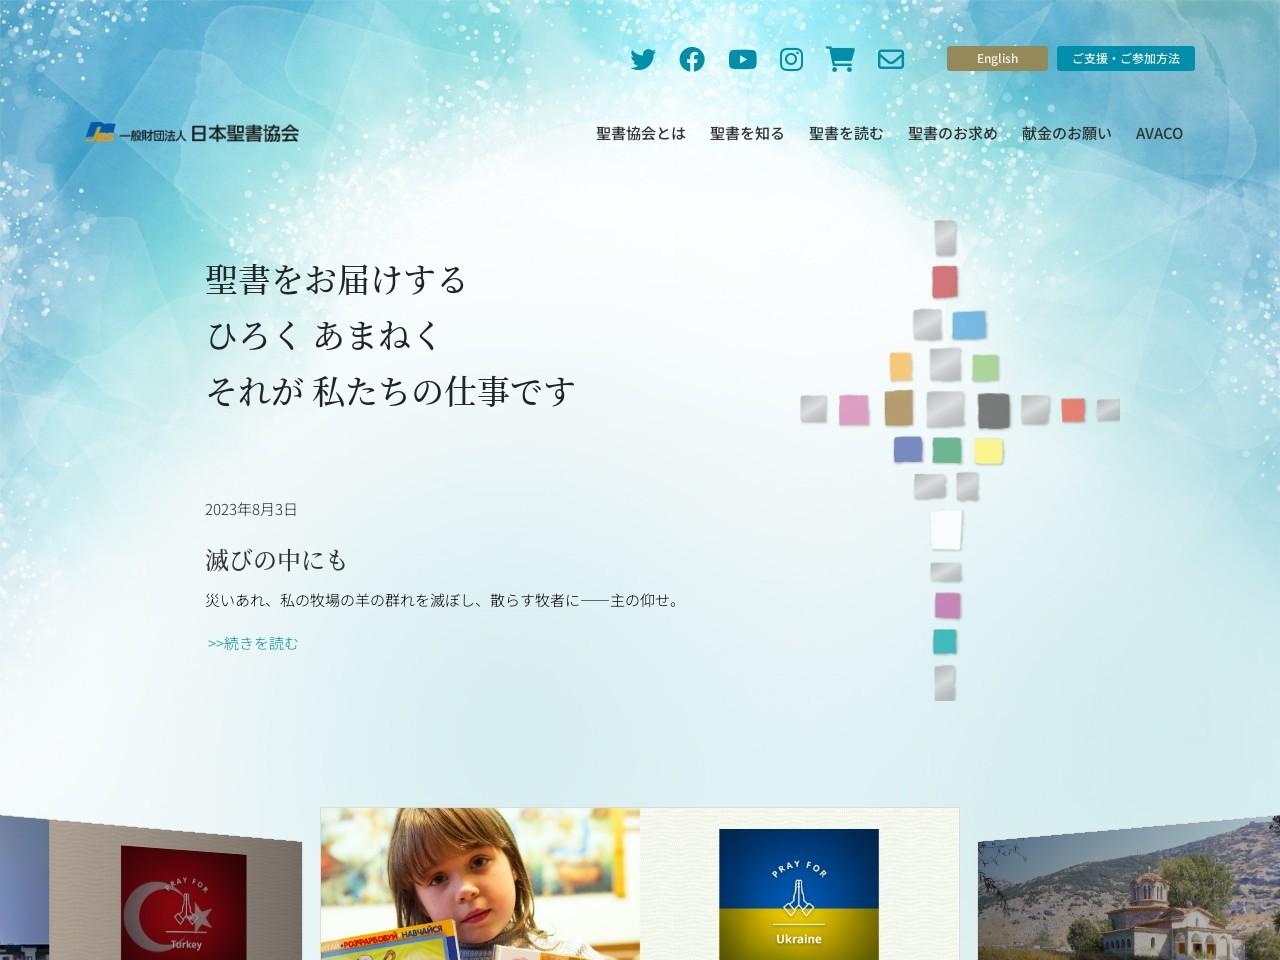 日本聖書教会